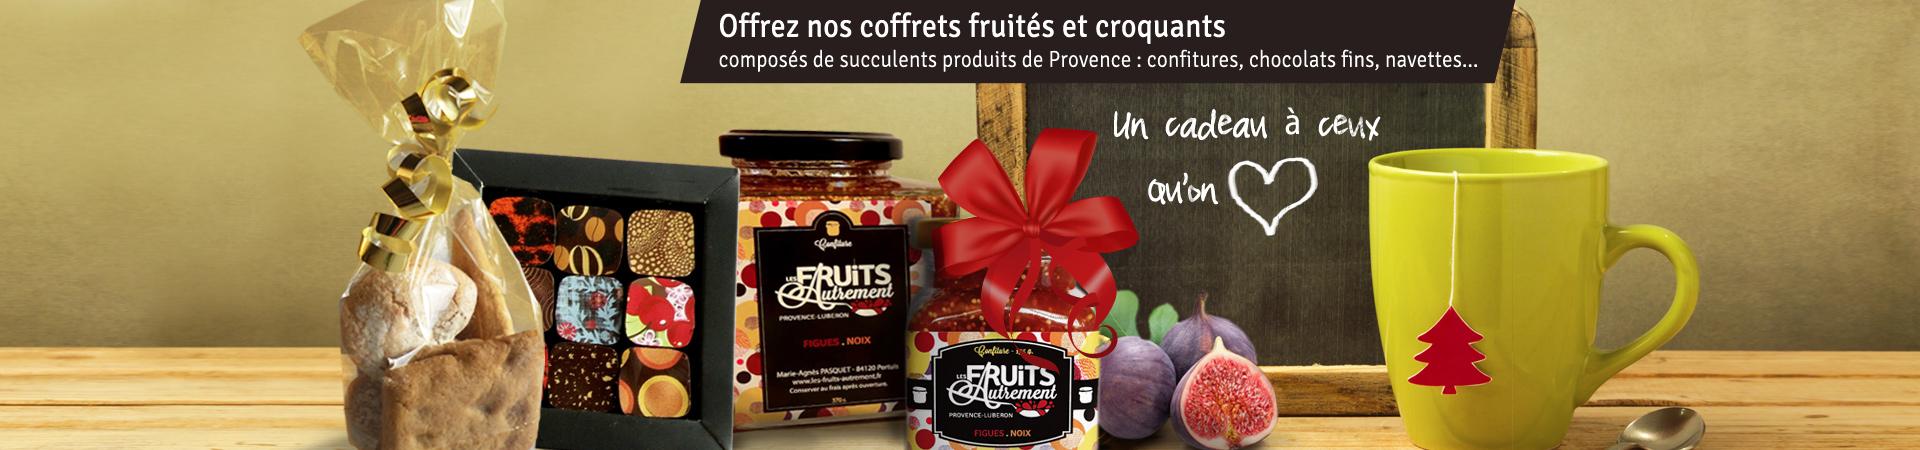 pub-coffret-cadeau-confitures-chocolats